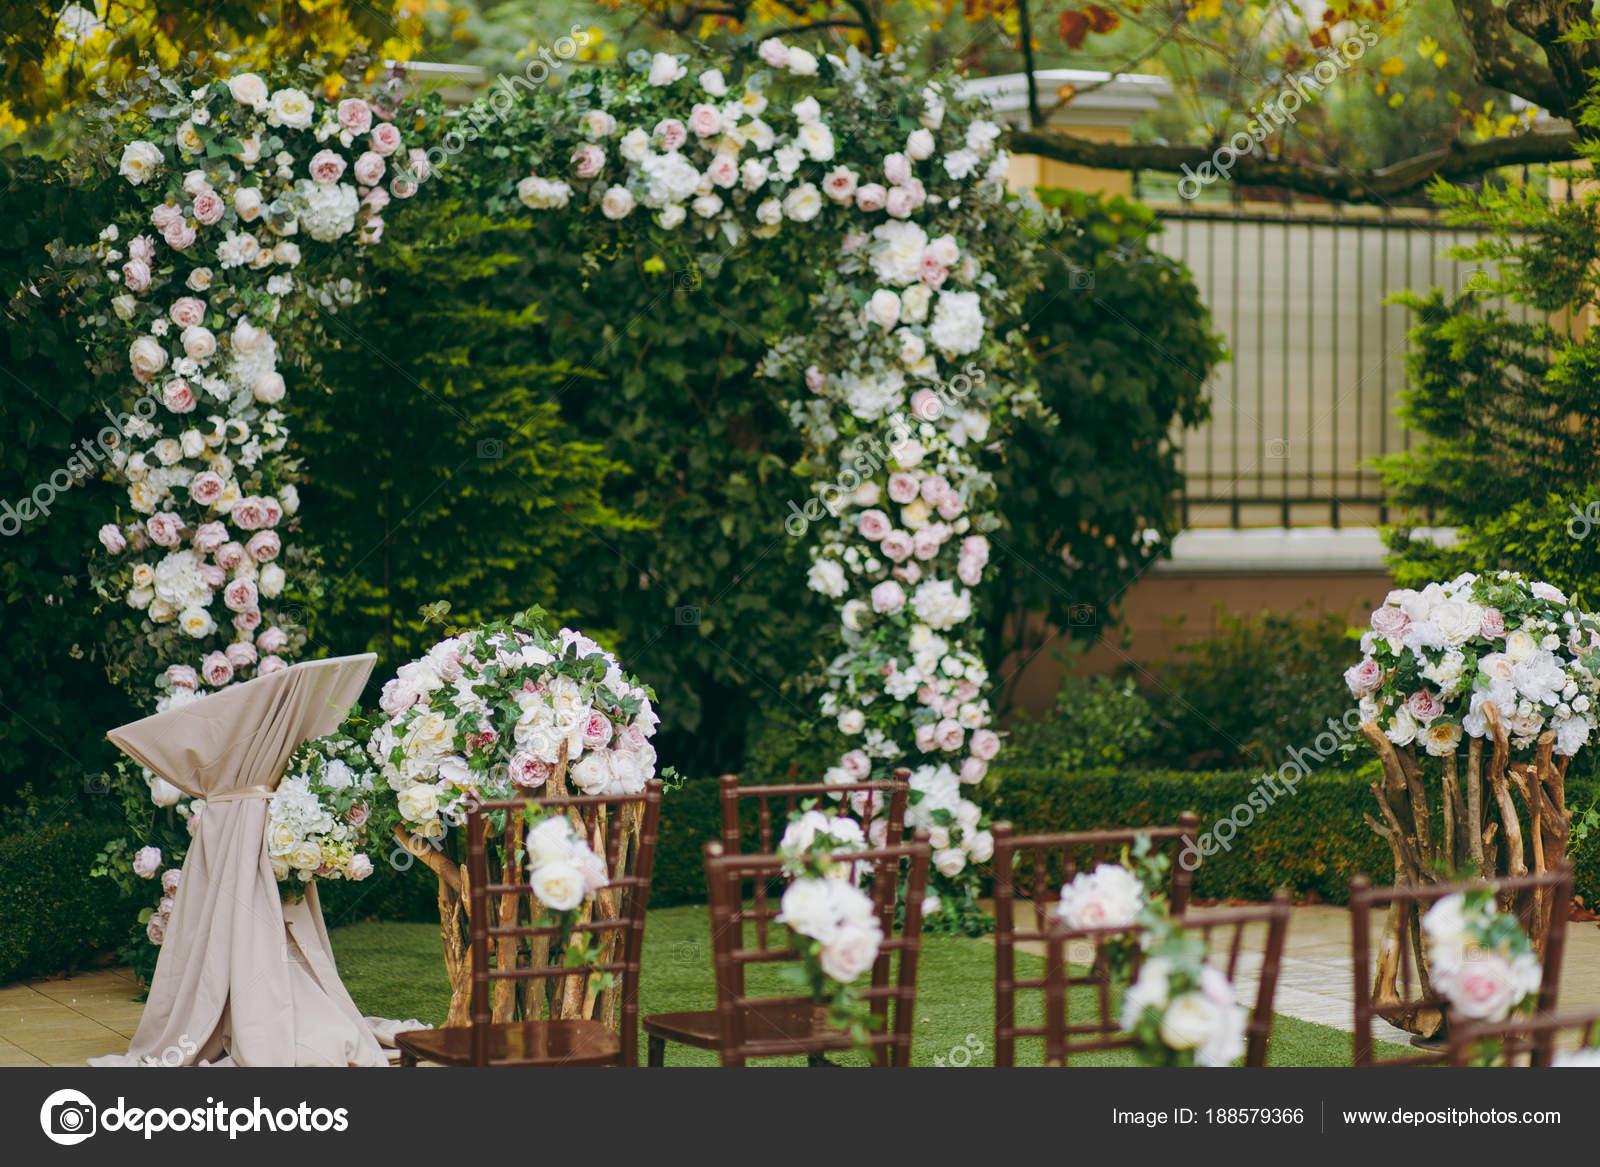 Krasna Dekorace Na Svatebni Obrad V Zahrade Podzimni Hneda Drevena